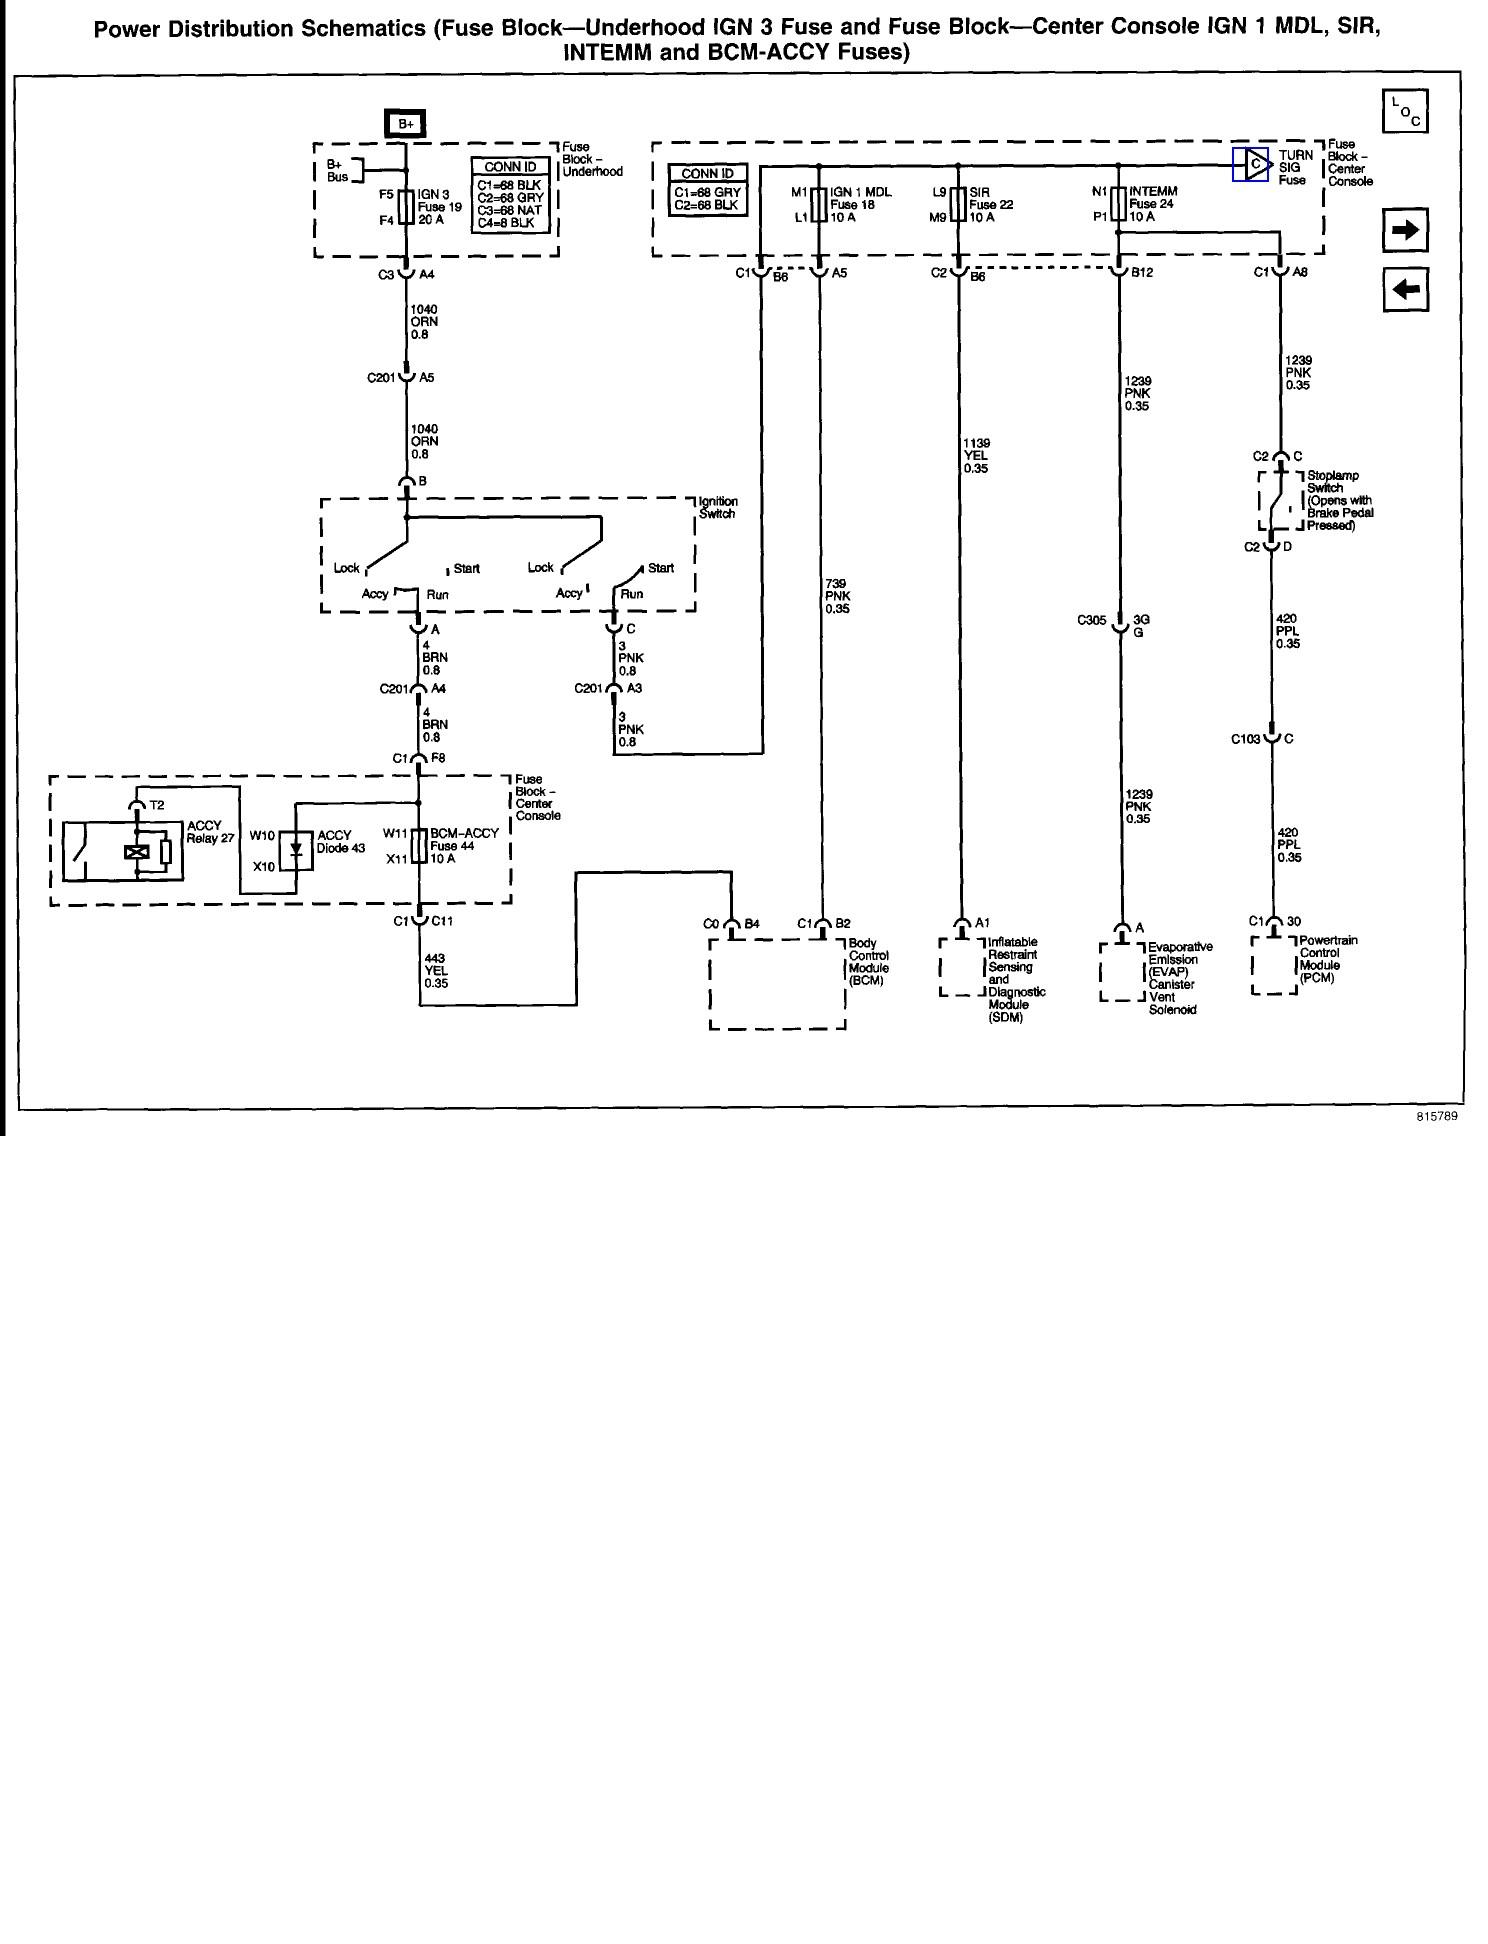 2003 Buick Century Engine Diagram 2002 Buick Rendezvous Engine Diagram Wiring Diagram Used Of 2003 Buick Century Engine Diagram